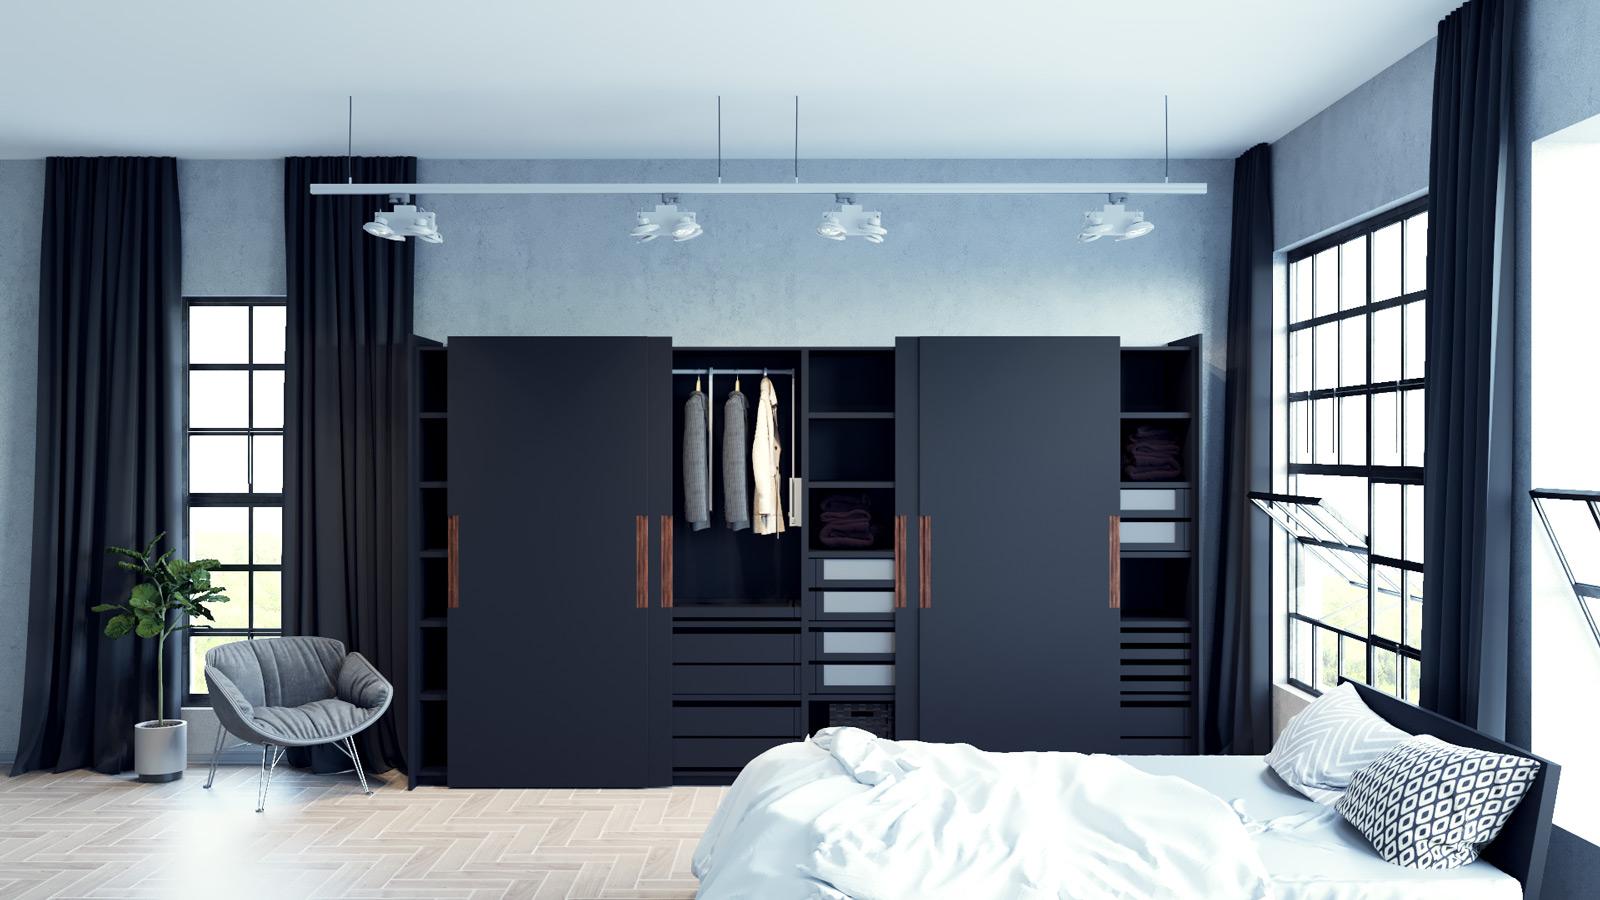 Bettwäsche Selber Designen Alles Steht Kopf Bettwäsche Wandfarbe